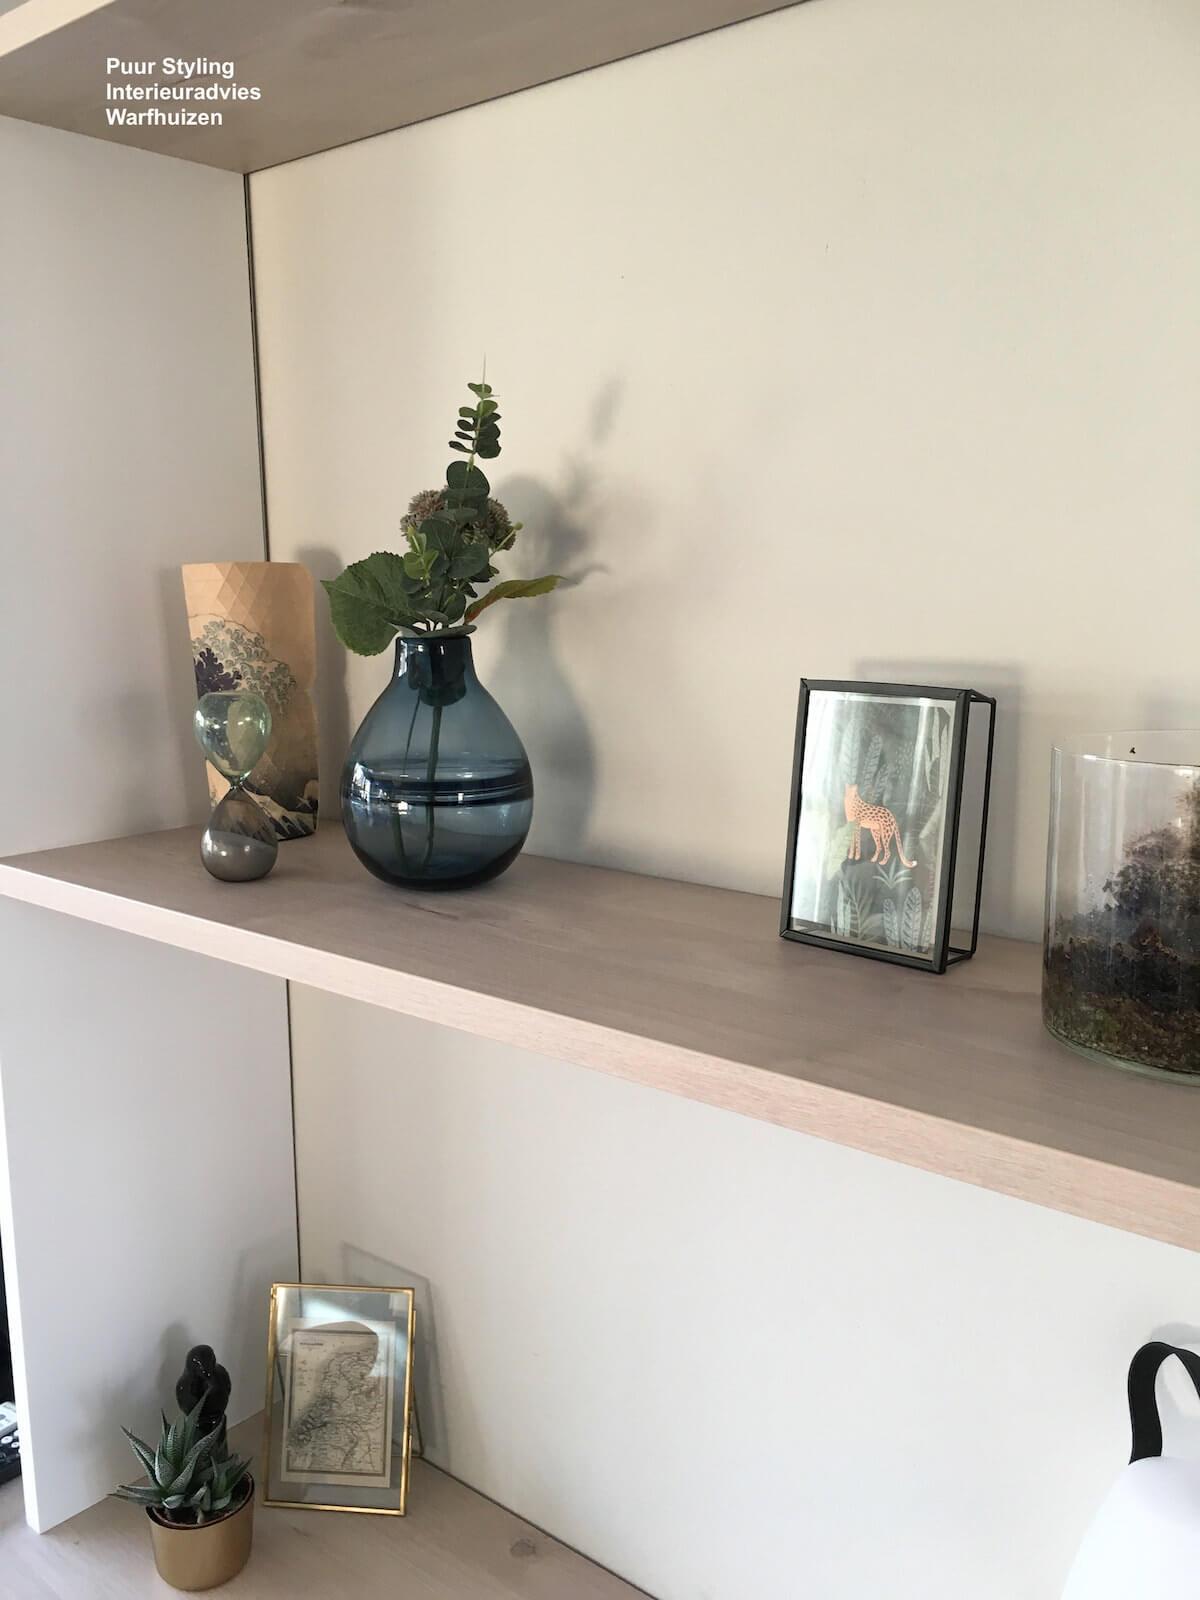 Puur Styling interieuradvies Warfhuizen Groningen21